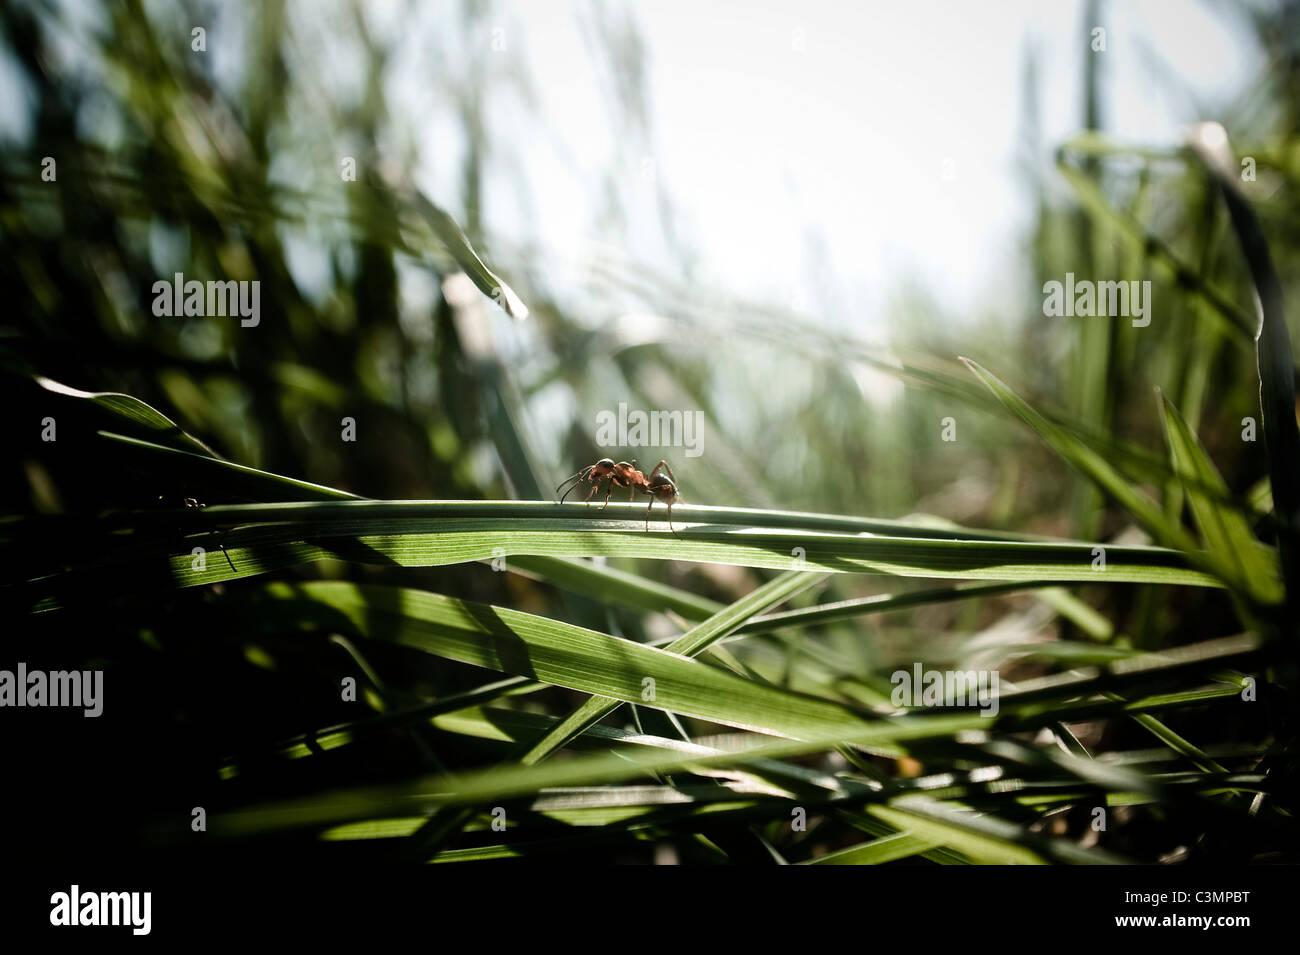 Piccole formiche venire attraverso una lama di erba. Immagini Stock